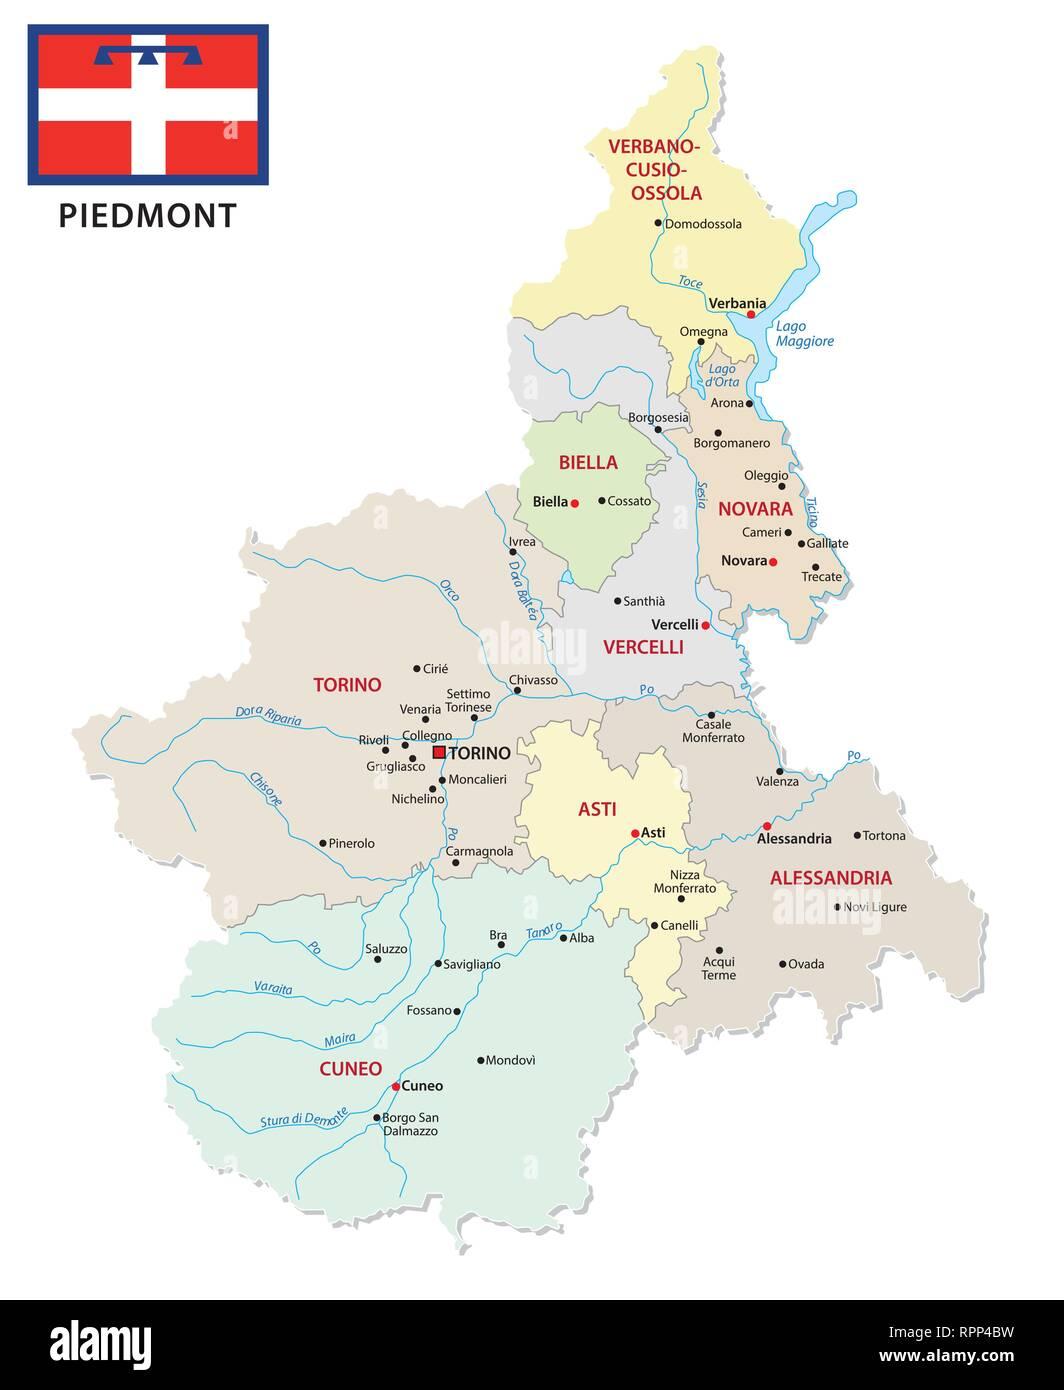 Cartina Dettagliata Piemonte.Mappa Di Torino Immagini E Fotos Stock Alamy